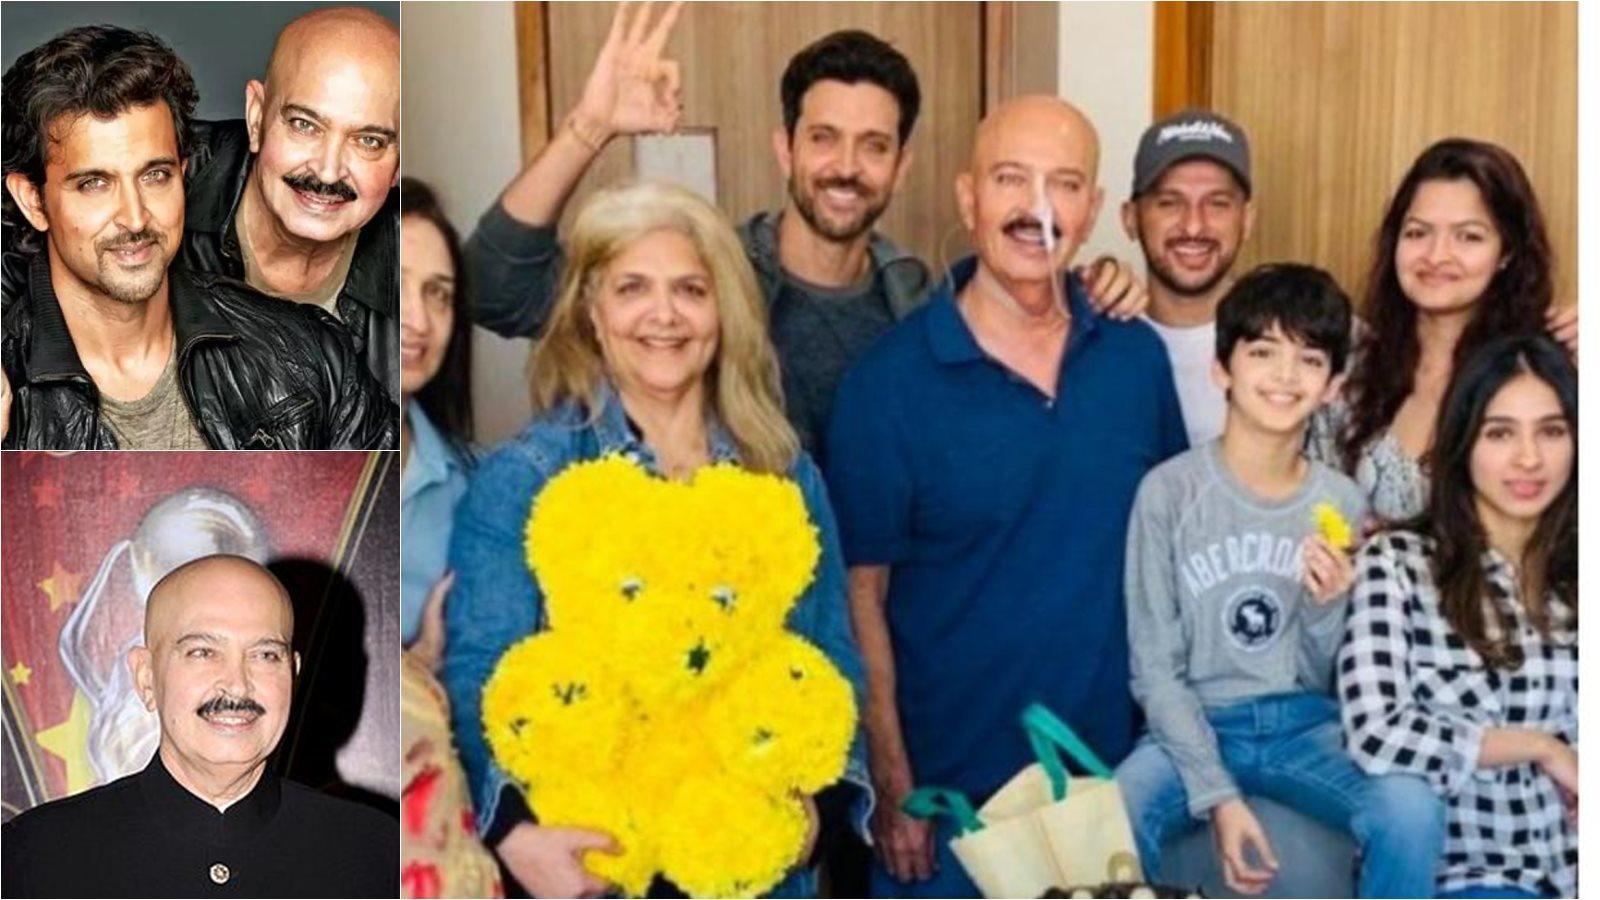 Hrithik Roshan and family all smiles post Rakesh Roshan's cancer surgery